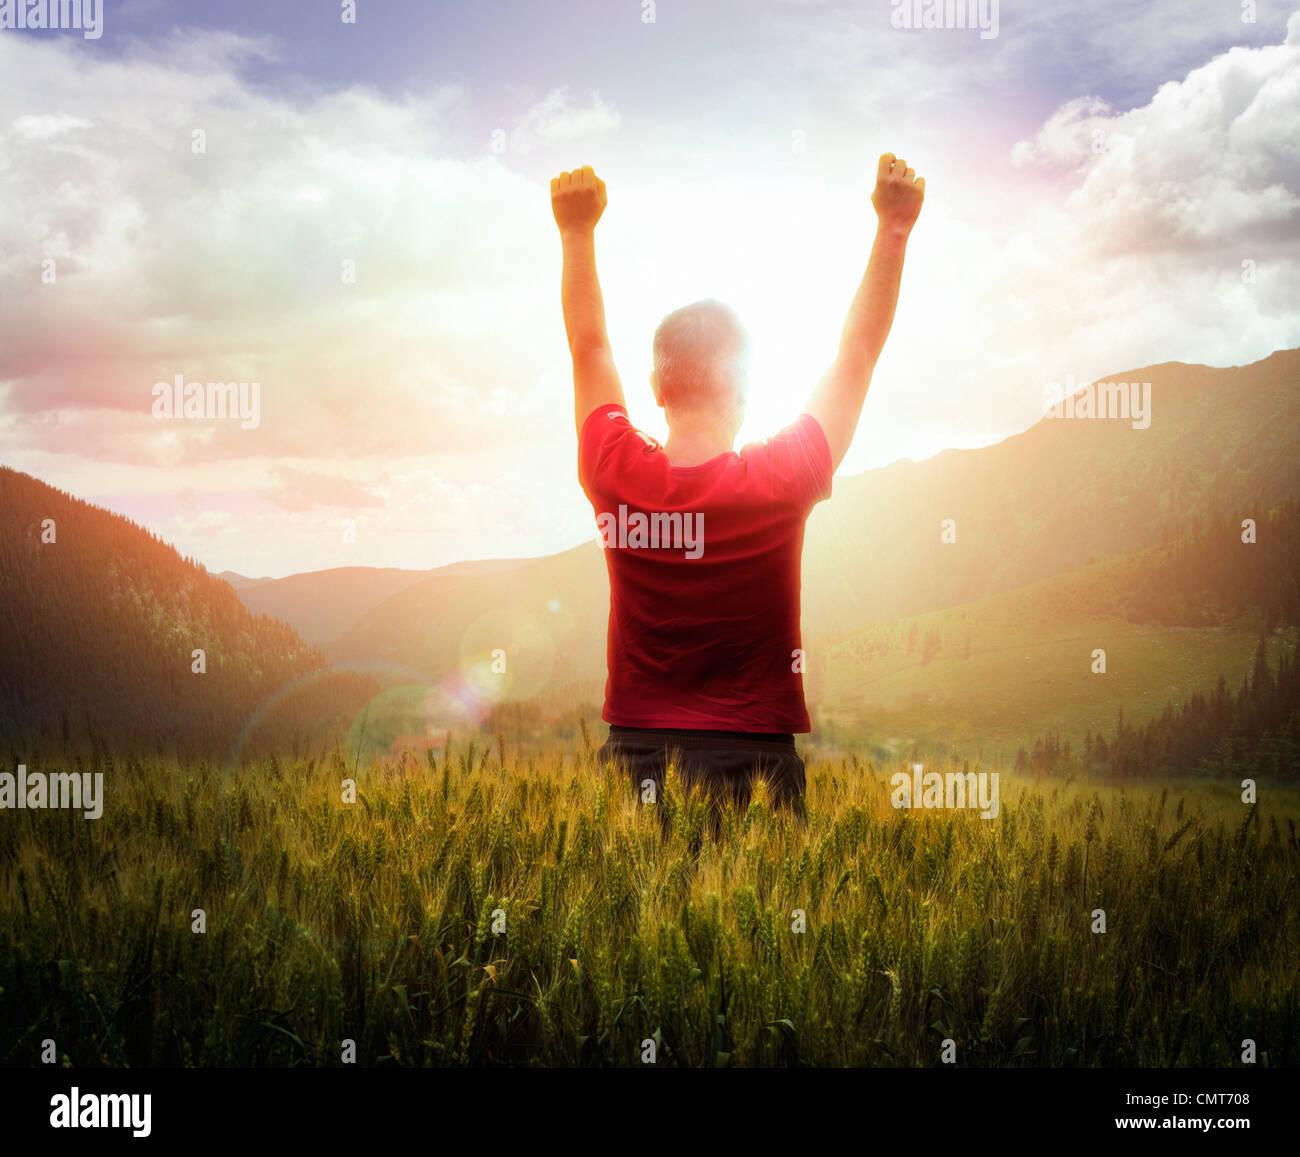 Junger Mann mit erhobenen Armen mit Blick zum Sonnenuntergang mit Bergen Stockbild